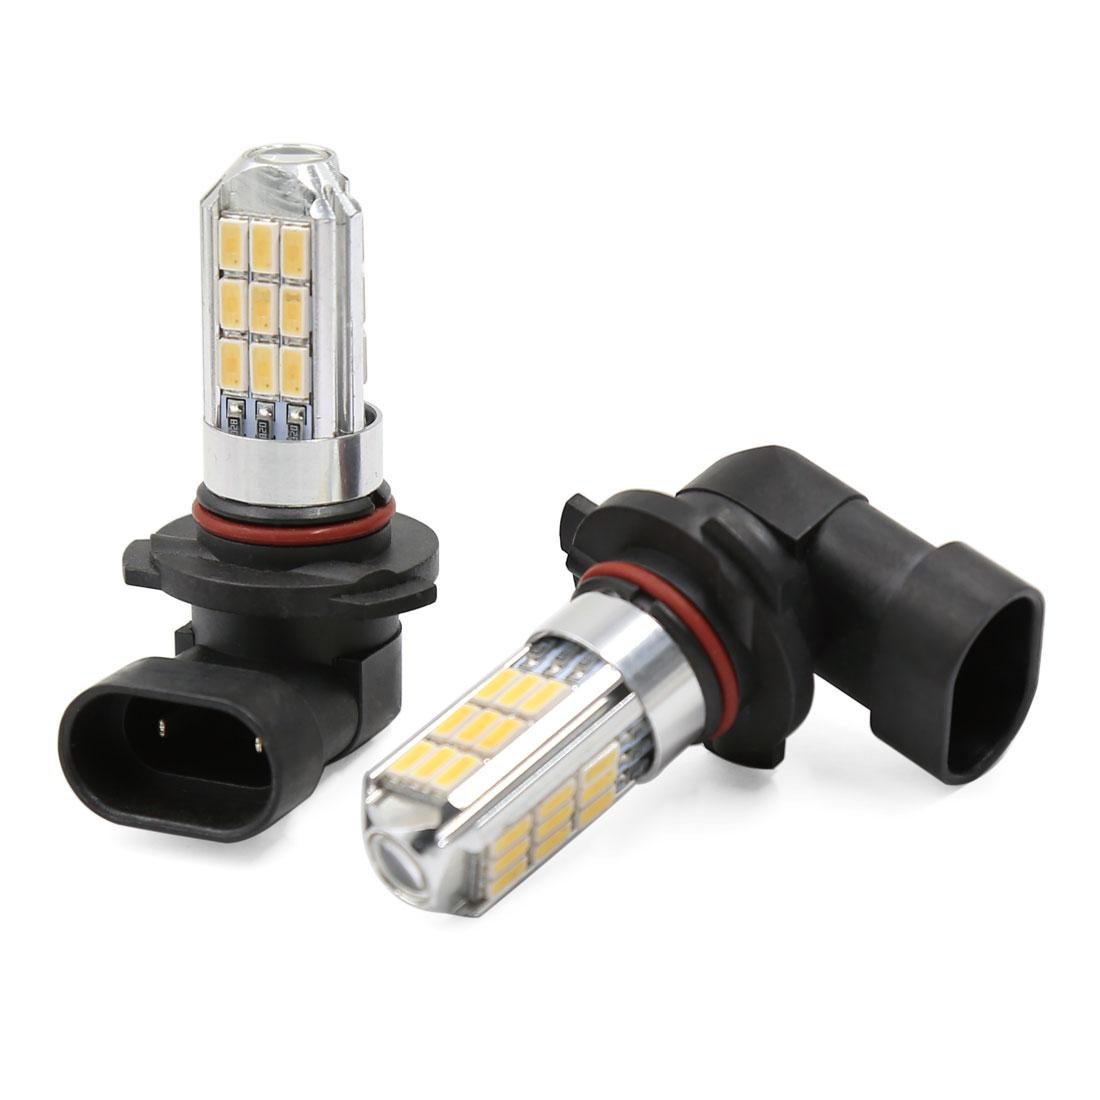 2 Pcs 9006 HB4 27 SMD LED White Car Fog Driving Daytime DRL Head Light 12V